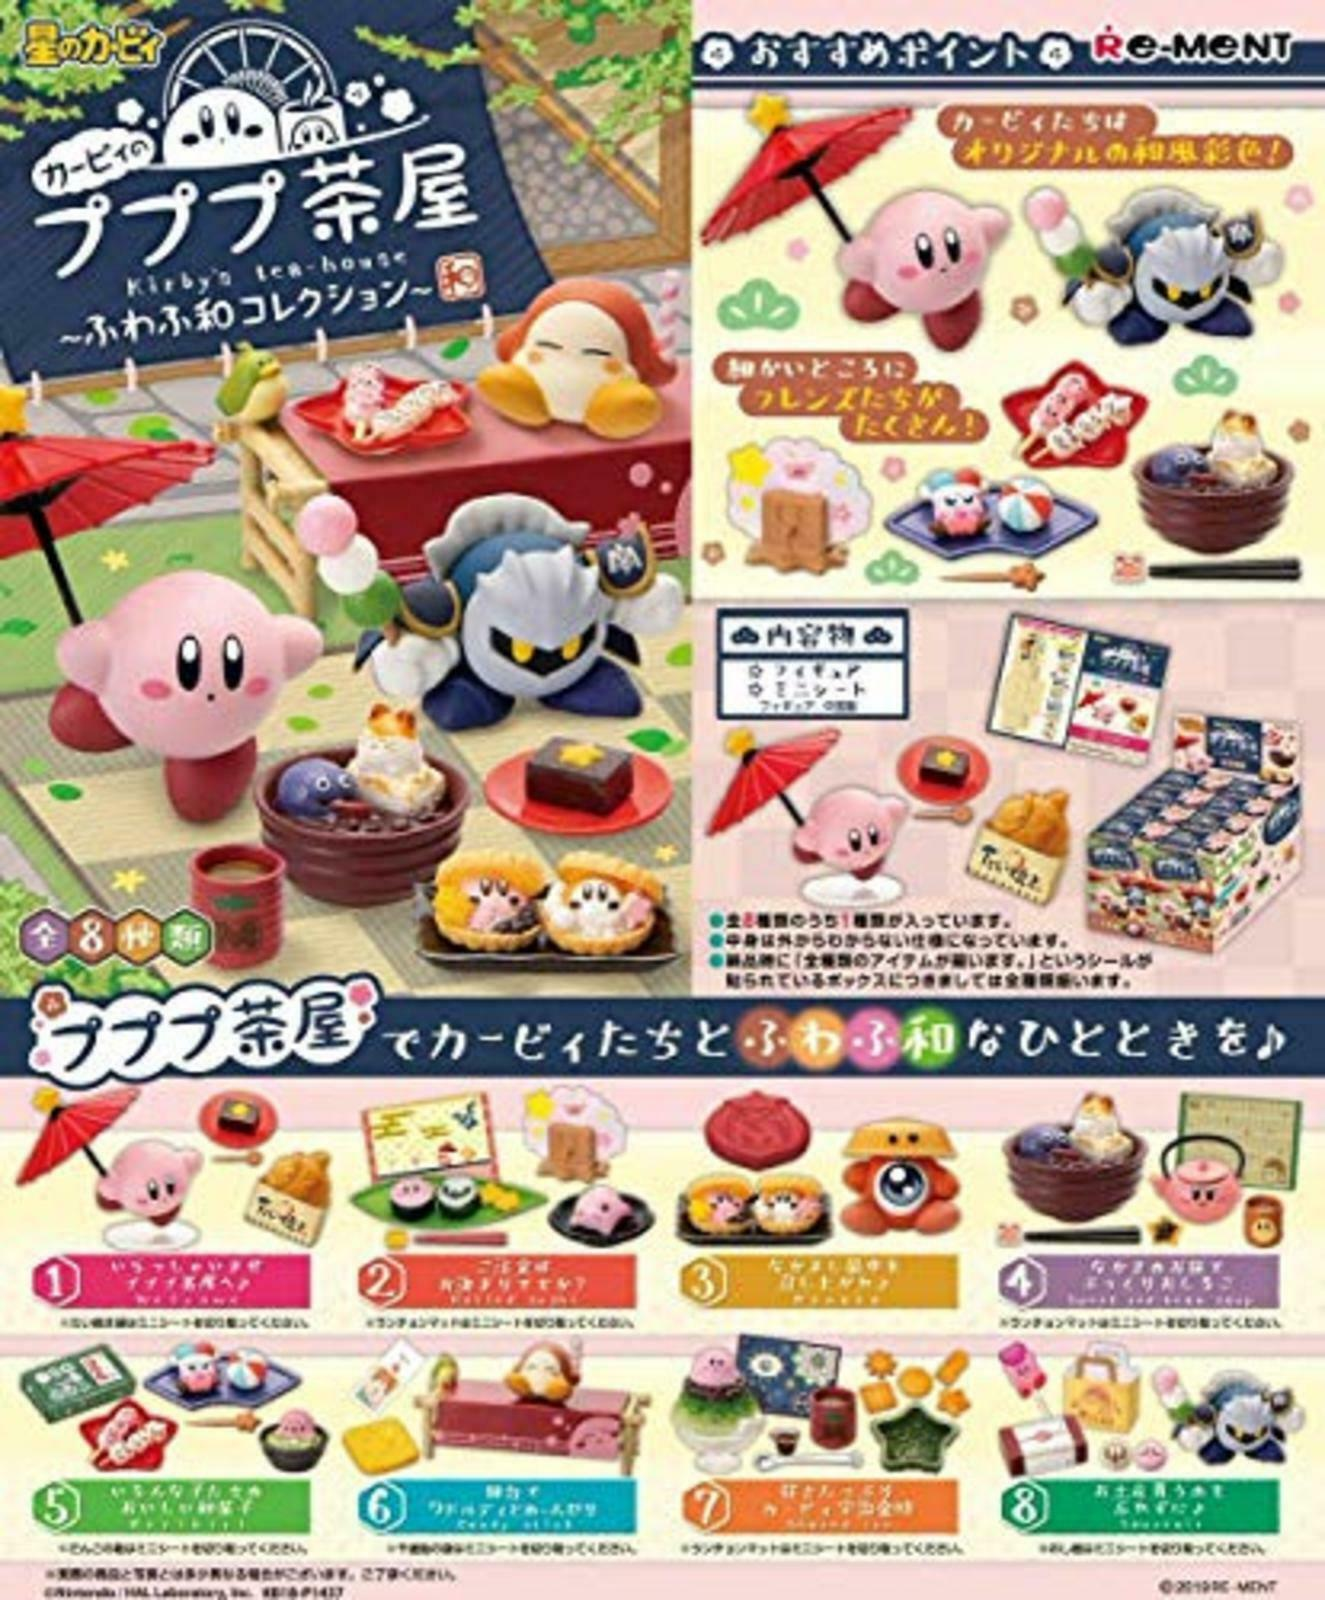 Re-ment  204550 Kirby Pupupu Caffè Fuwa Collezione 1 Scatola Set Completo F S  clienti prima reputazione prima